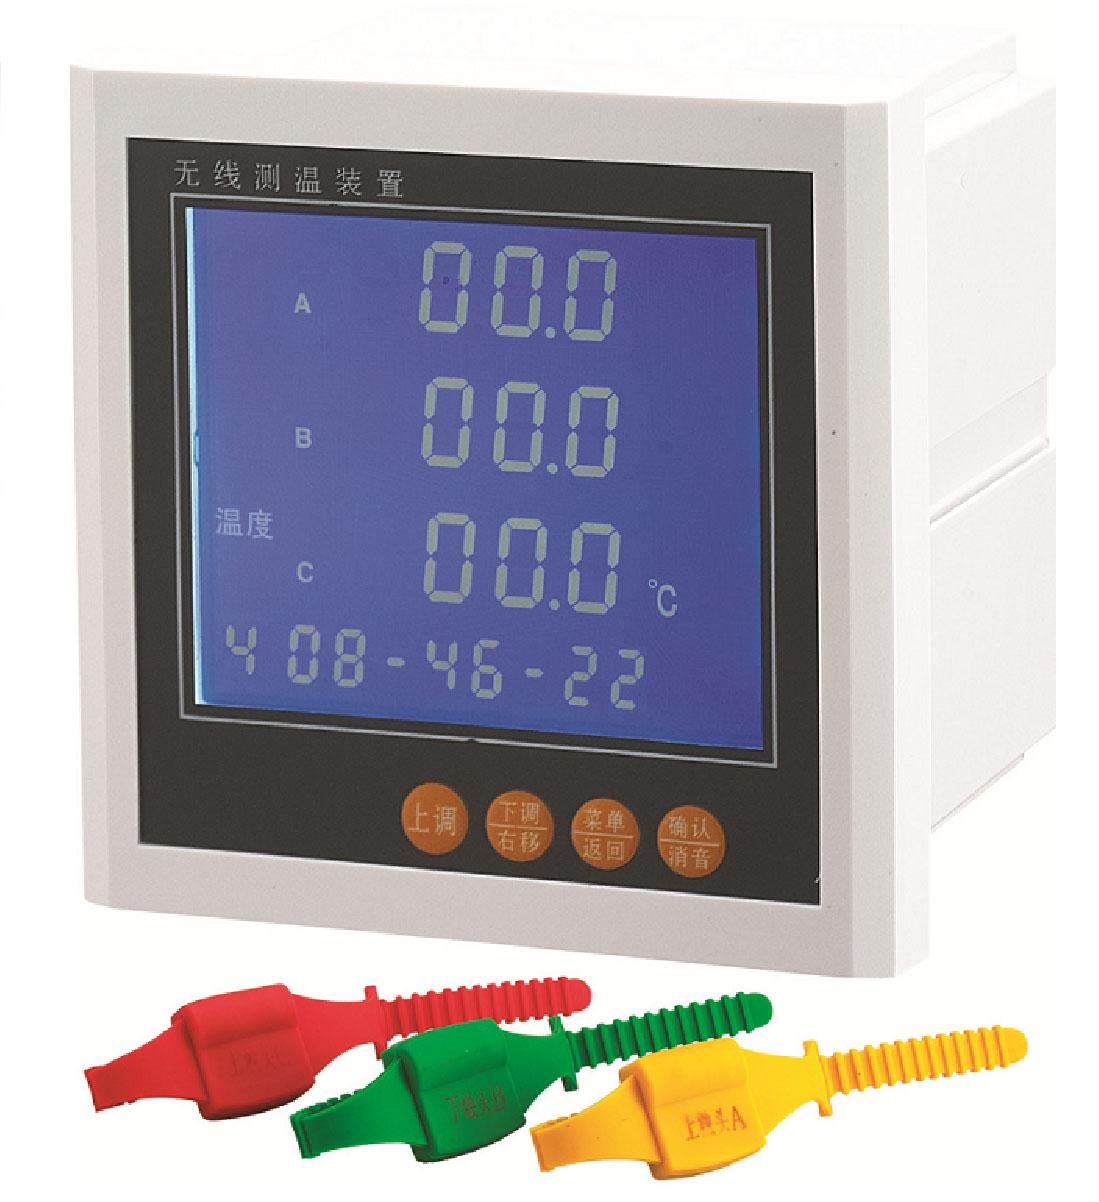 测控装置-派诺电气科技浙江有限公司图202148153449高清大图,本图片由派诺电气科技浙江有限公司提供。